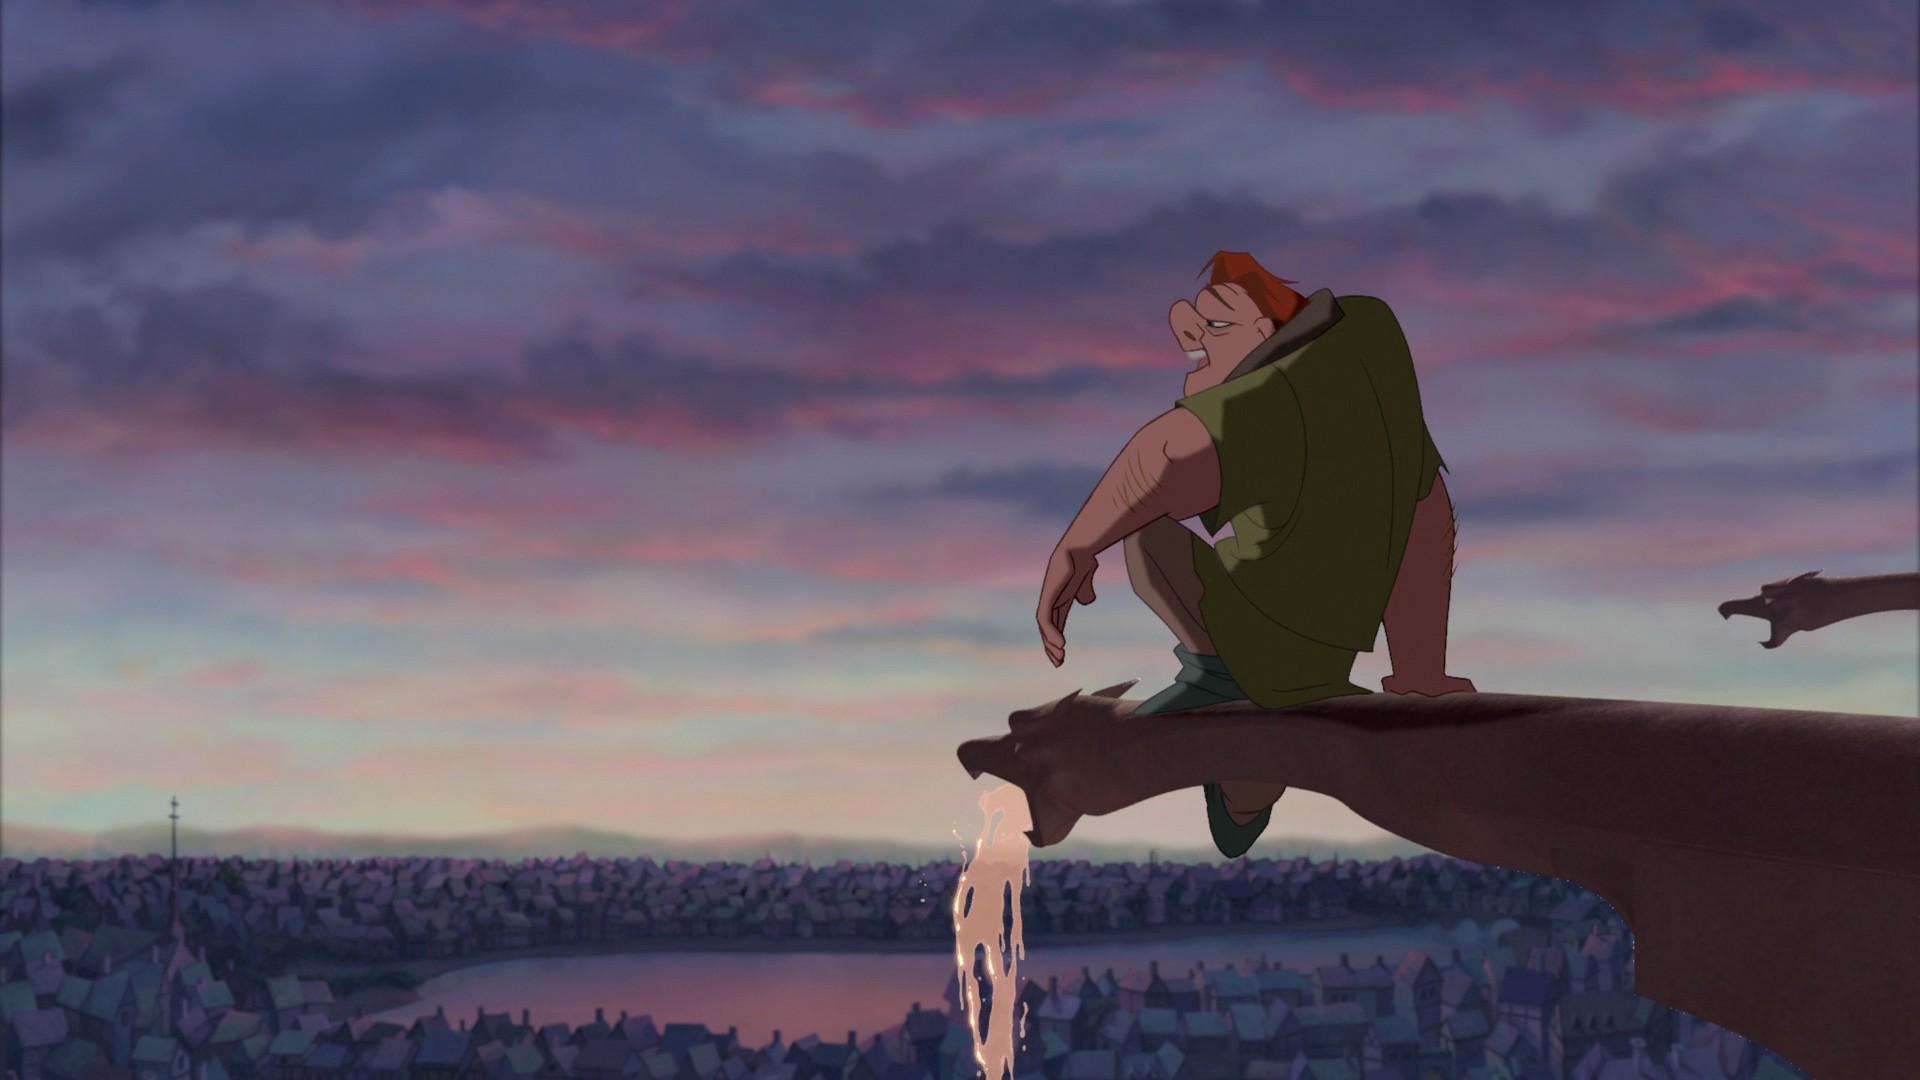 Cena de 'O Corcunda de Notre Dame', animação da Walt Disney de 1996